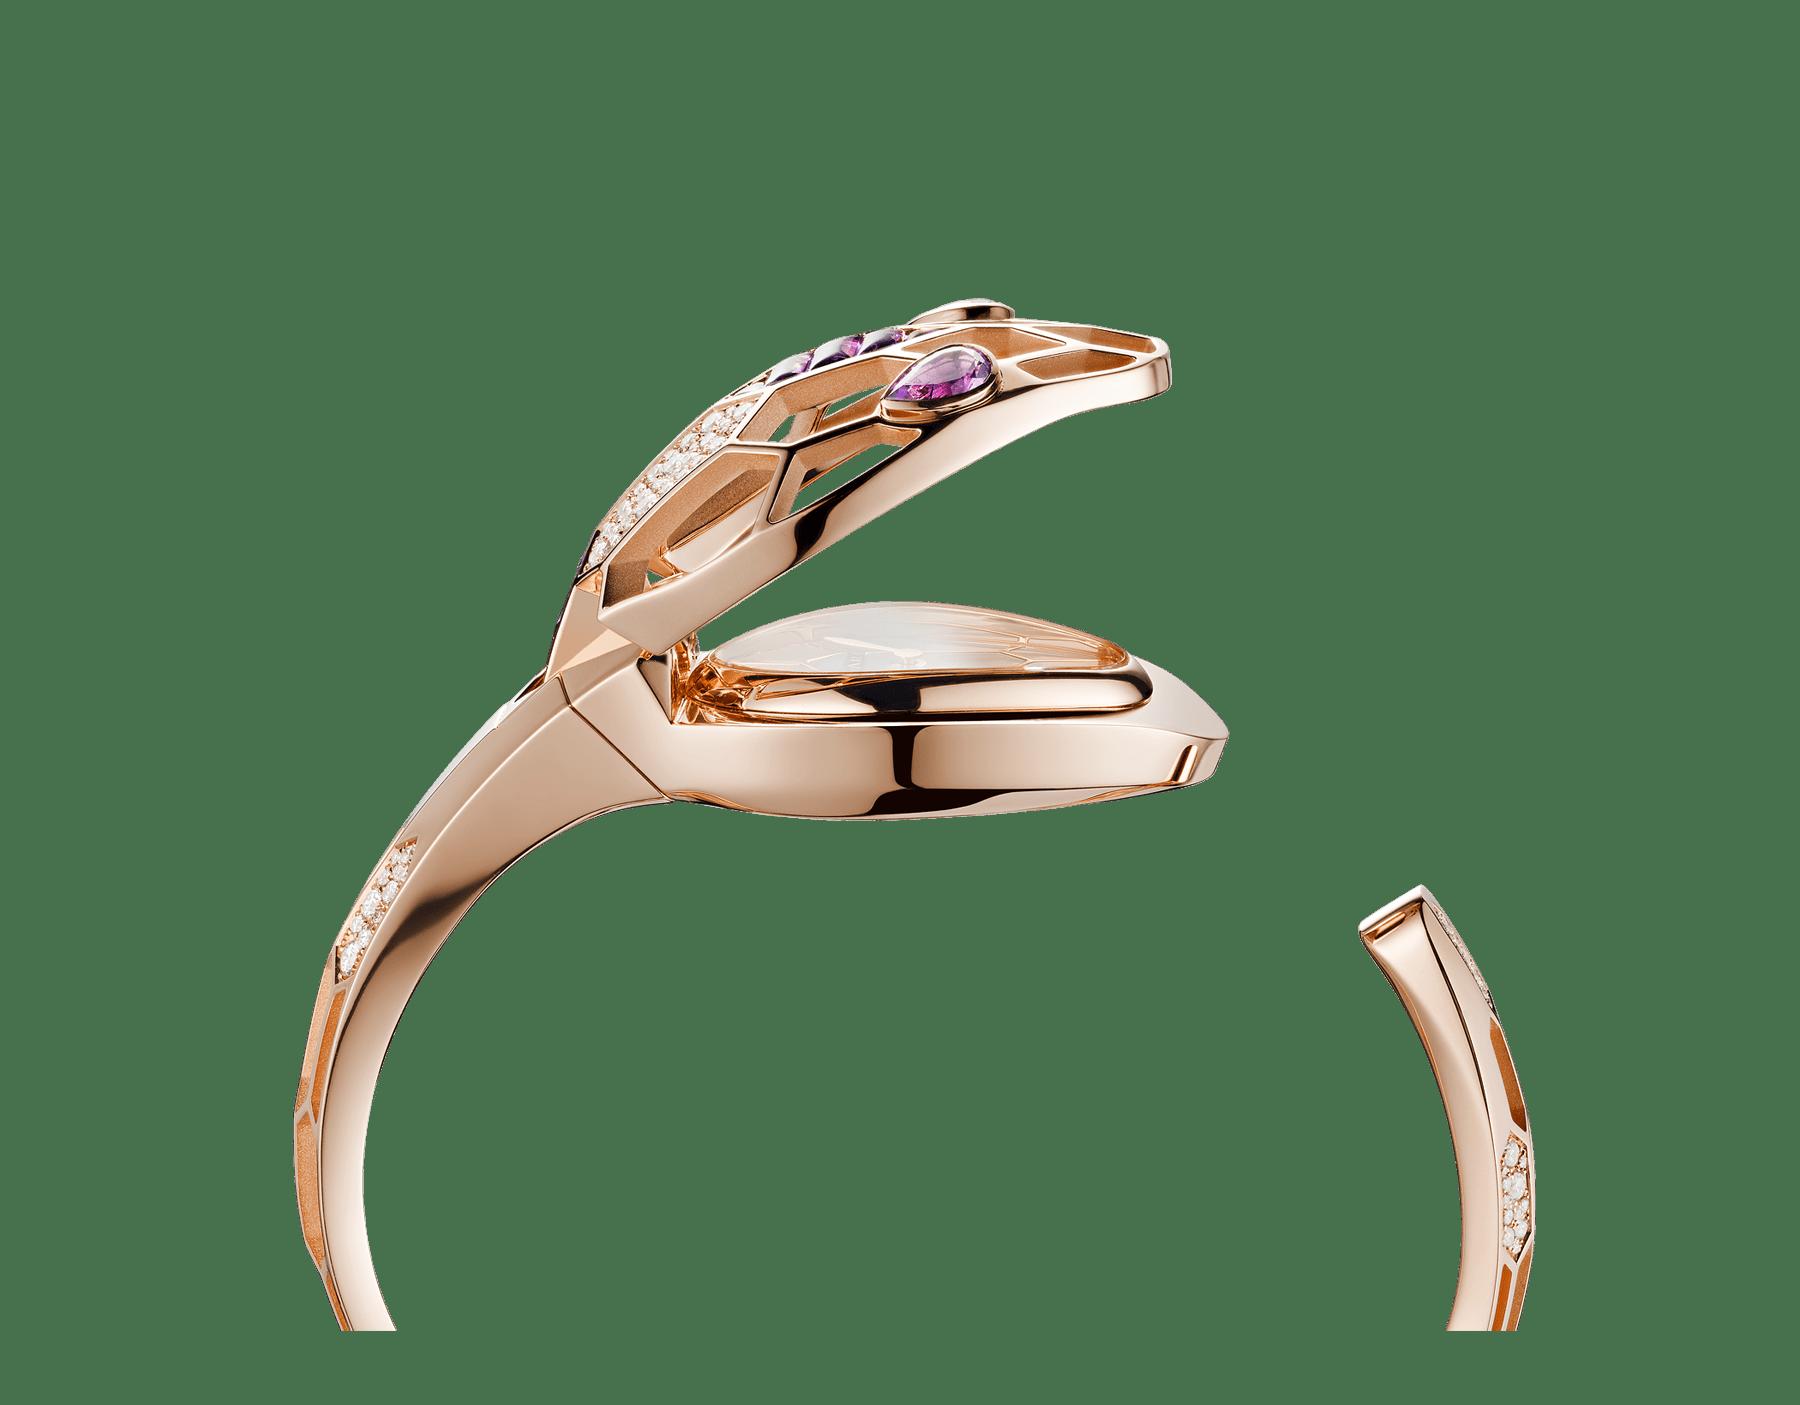 Relógio Secreto Serpenti Misteriosi com caixa e pulseira em ouro rosa 18K, ambas cravejadas com diamantes redondos lapidação brilhante e ametistas lapidação baguete, mostrador em madrepérola e olhos de ametista em formato pera. Tamanho médio 103056 image 3